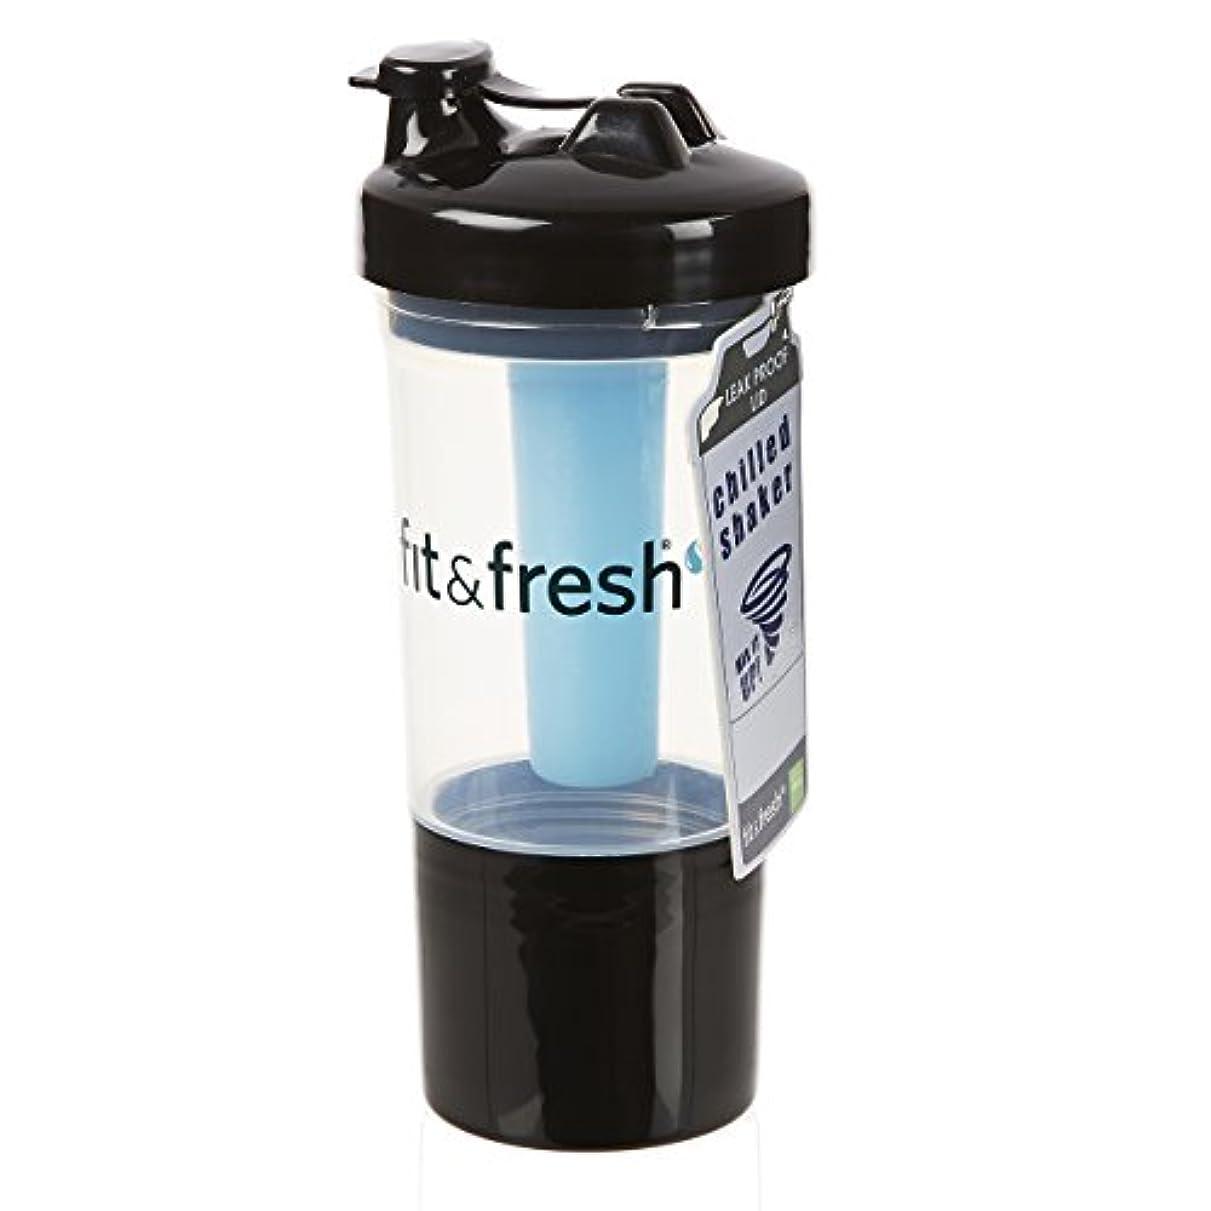 マナー遊具寛解Fit & Fresh, CleanTek, Shaker Cup with Ice Wand Agitator & Storage Cup, 1 Cup